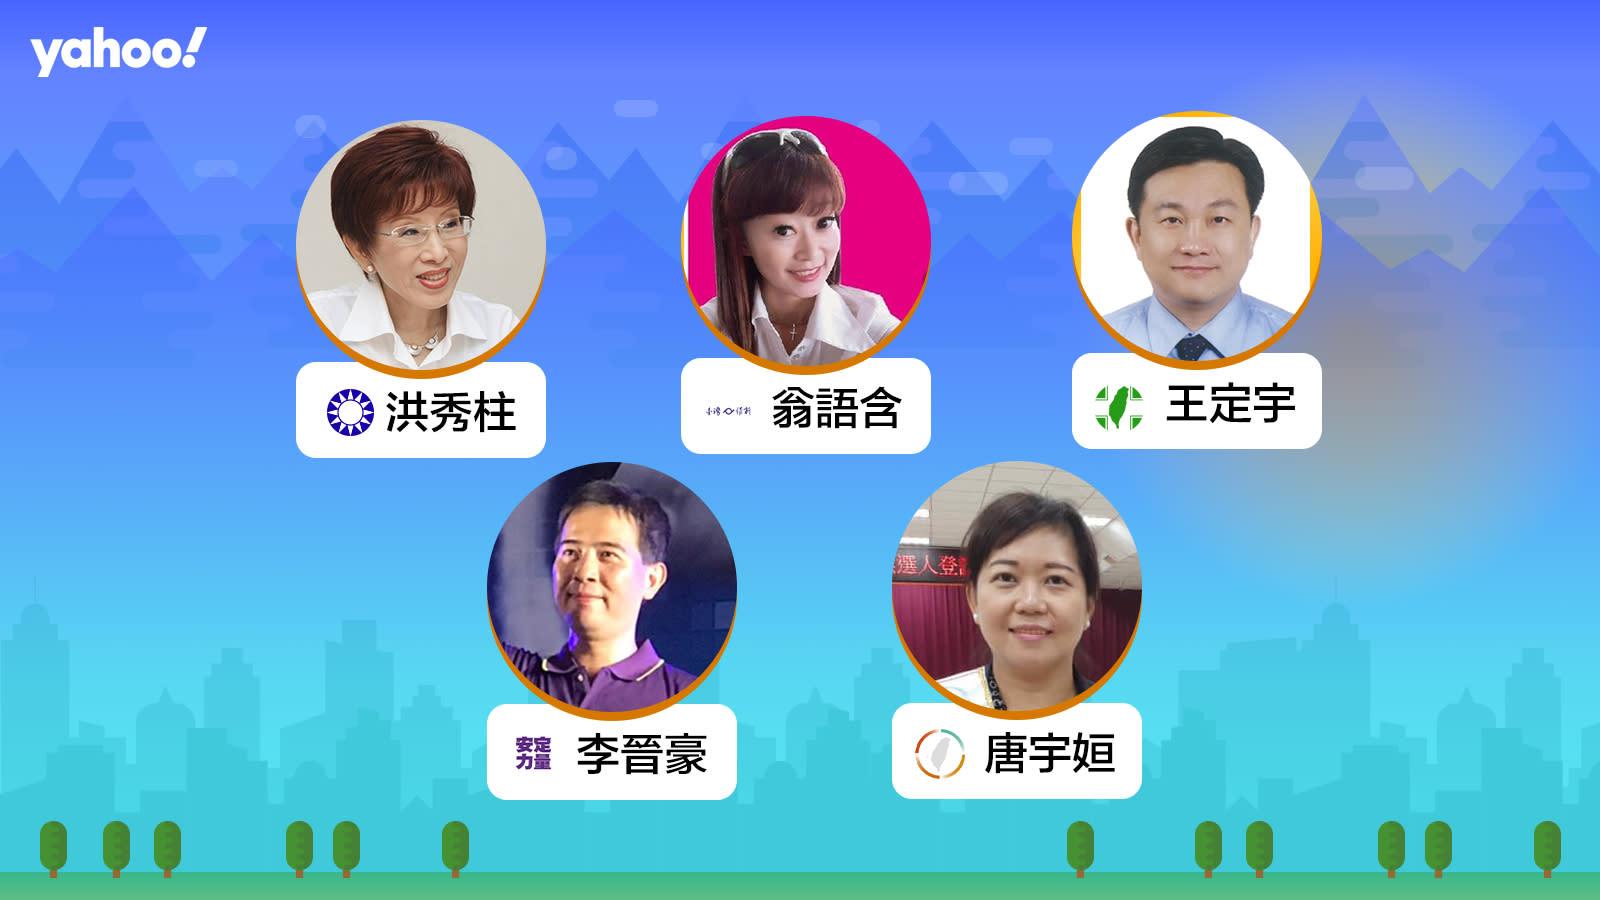 2020立委選舉台南市第六選區(仁德、歸仁、關廟、龍崎、東區),你支持誰?